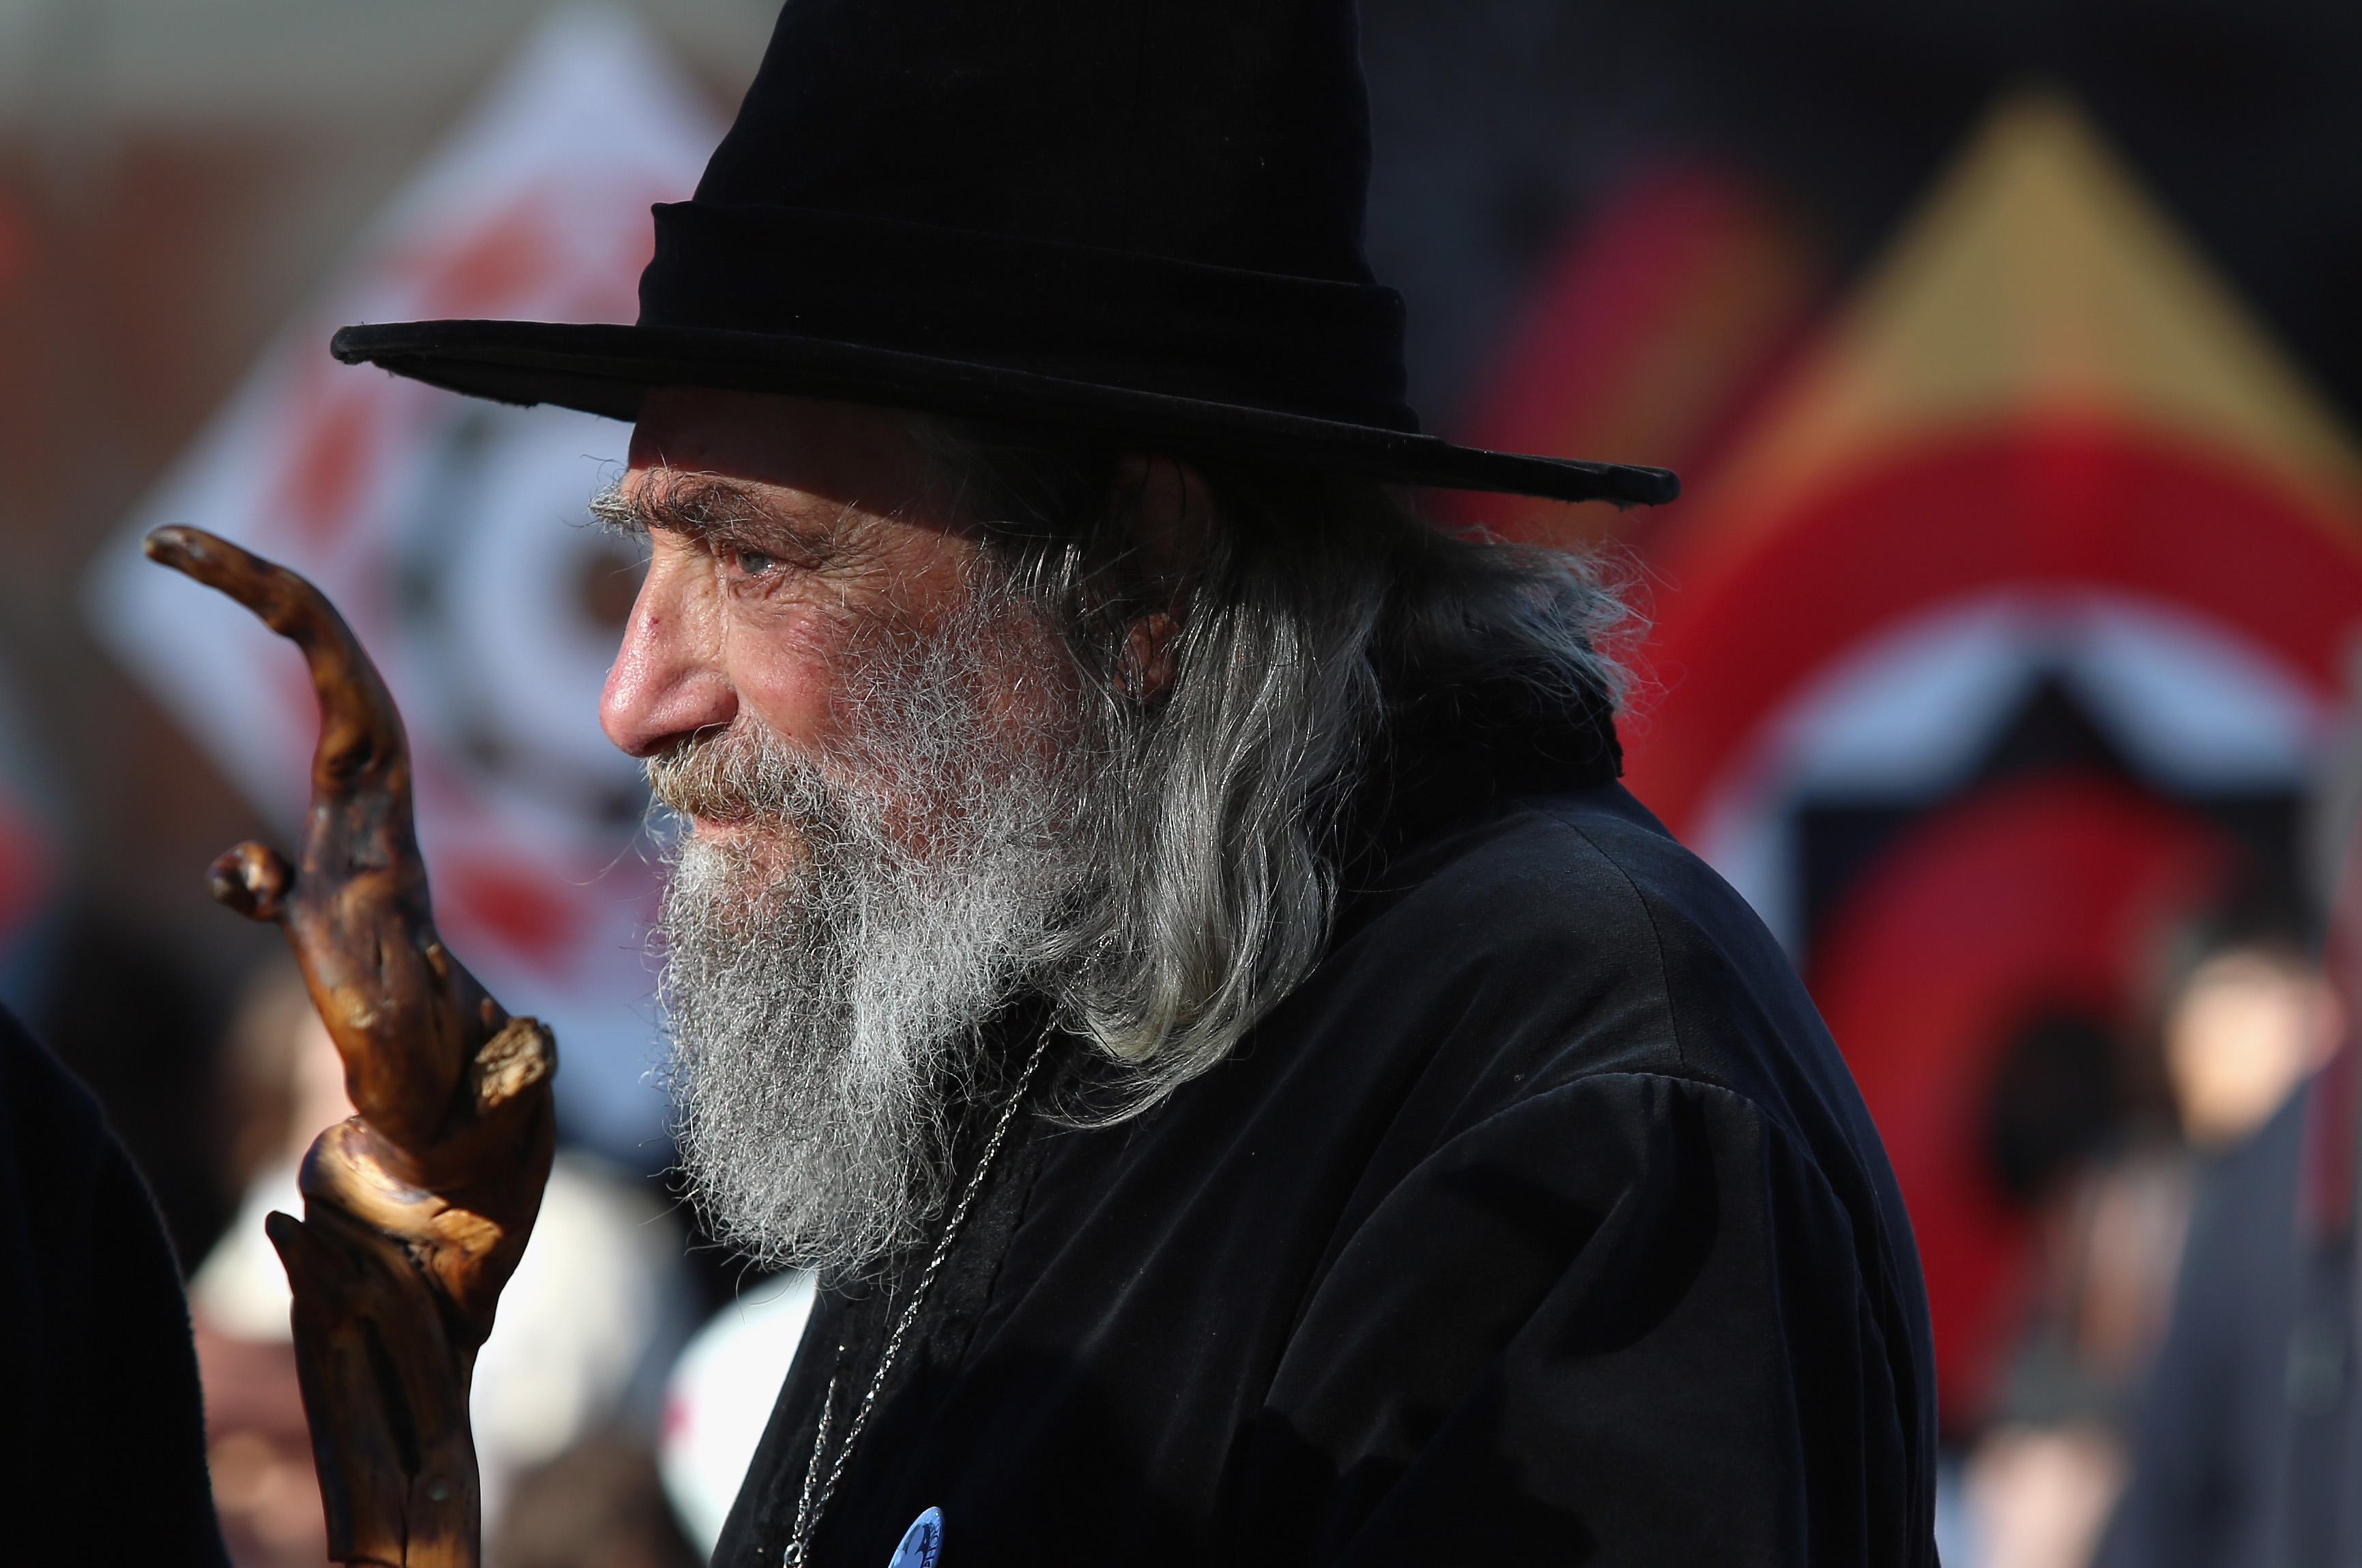 Povestea Vrăjitorului din Noua Zeelandă care este plătit de autorități peste 10.000 de dolari